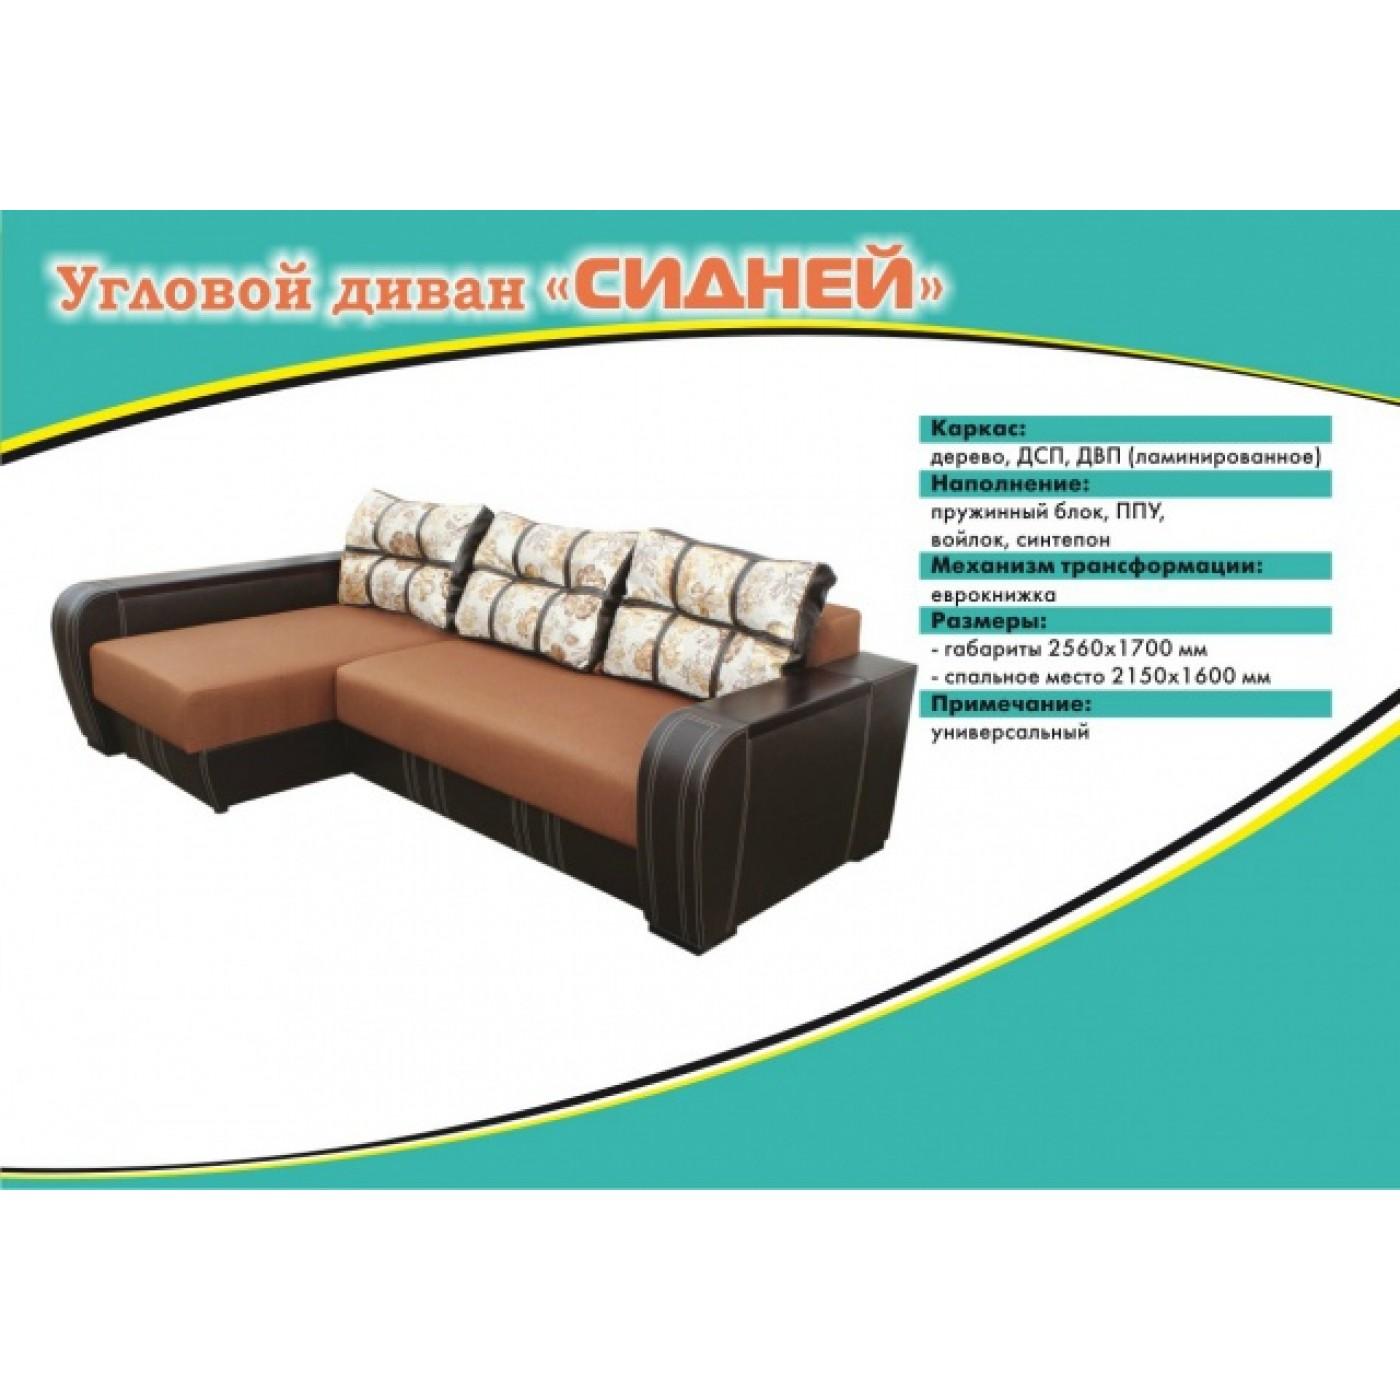 Сидней угловой диван